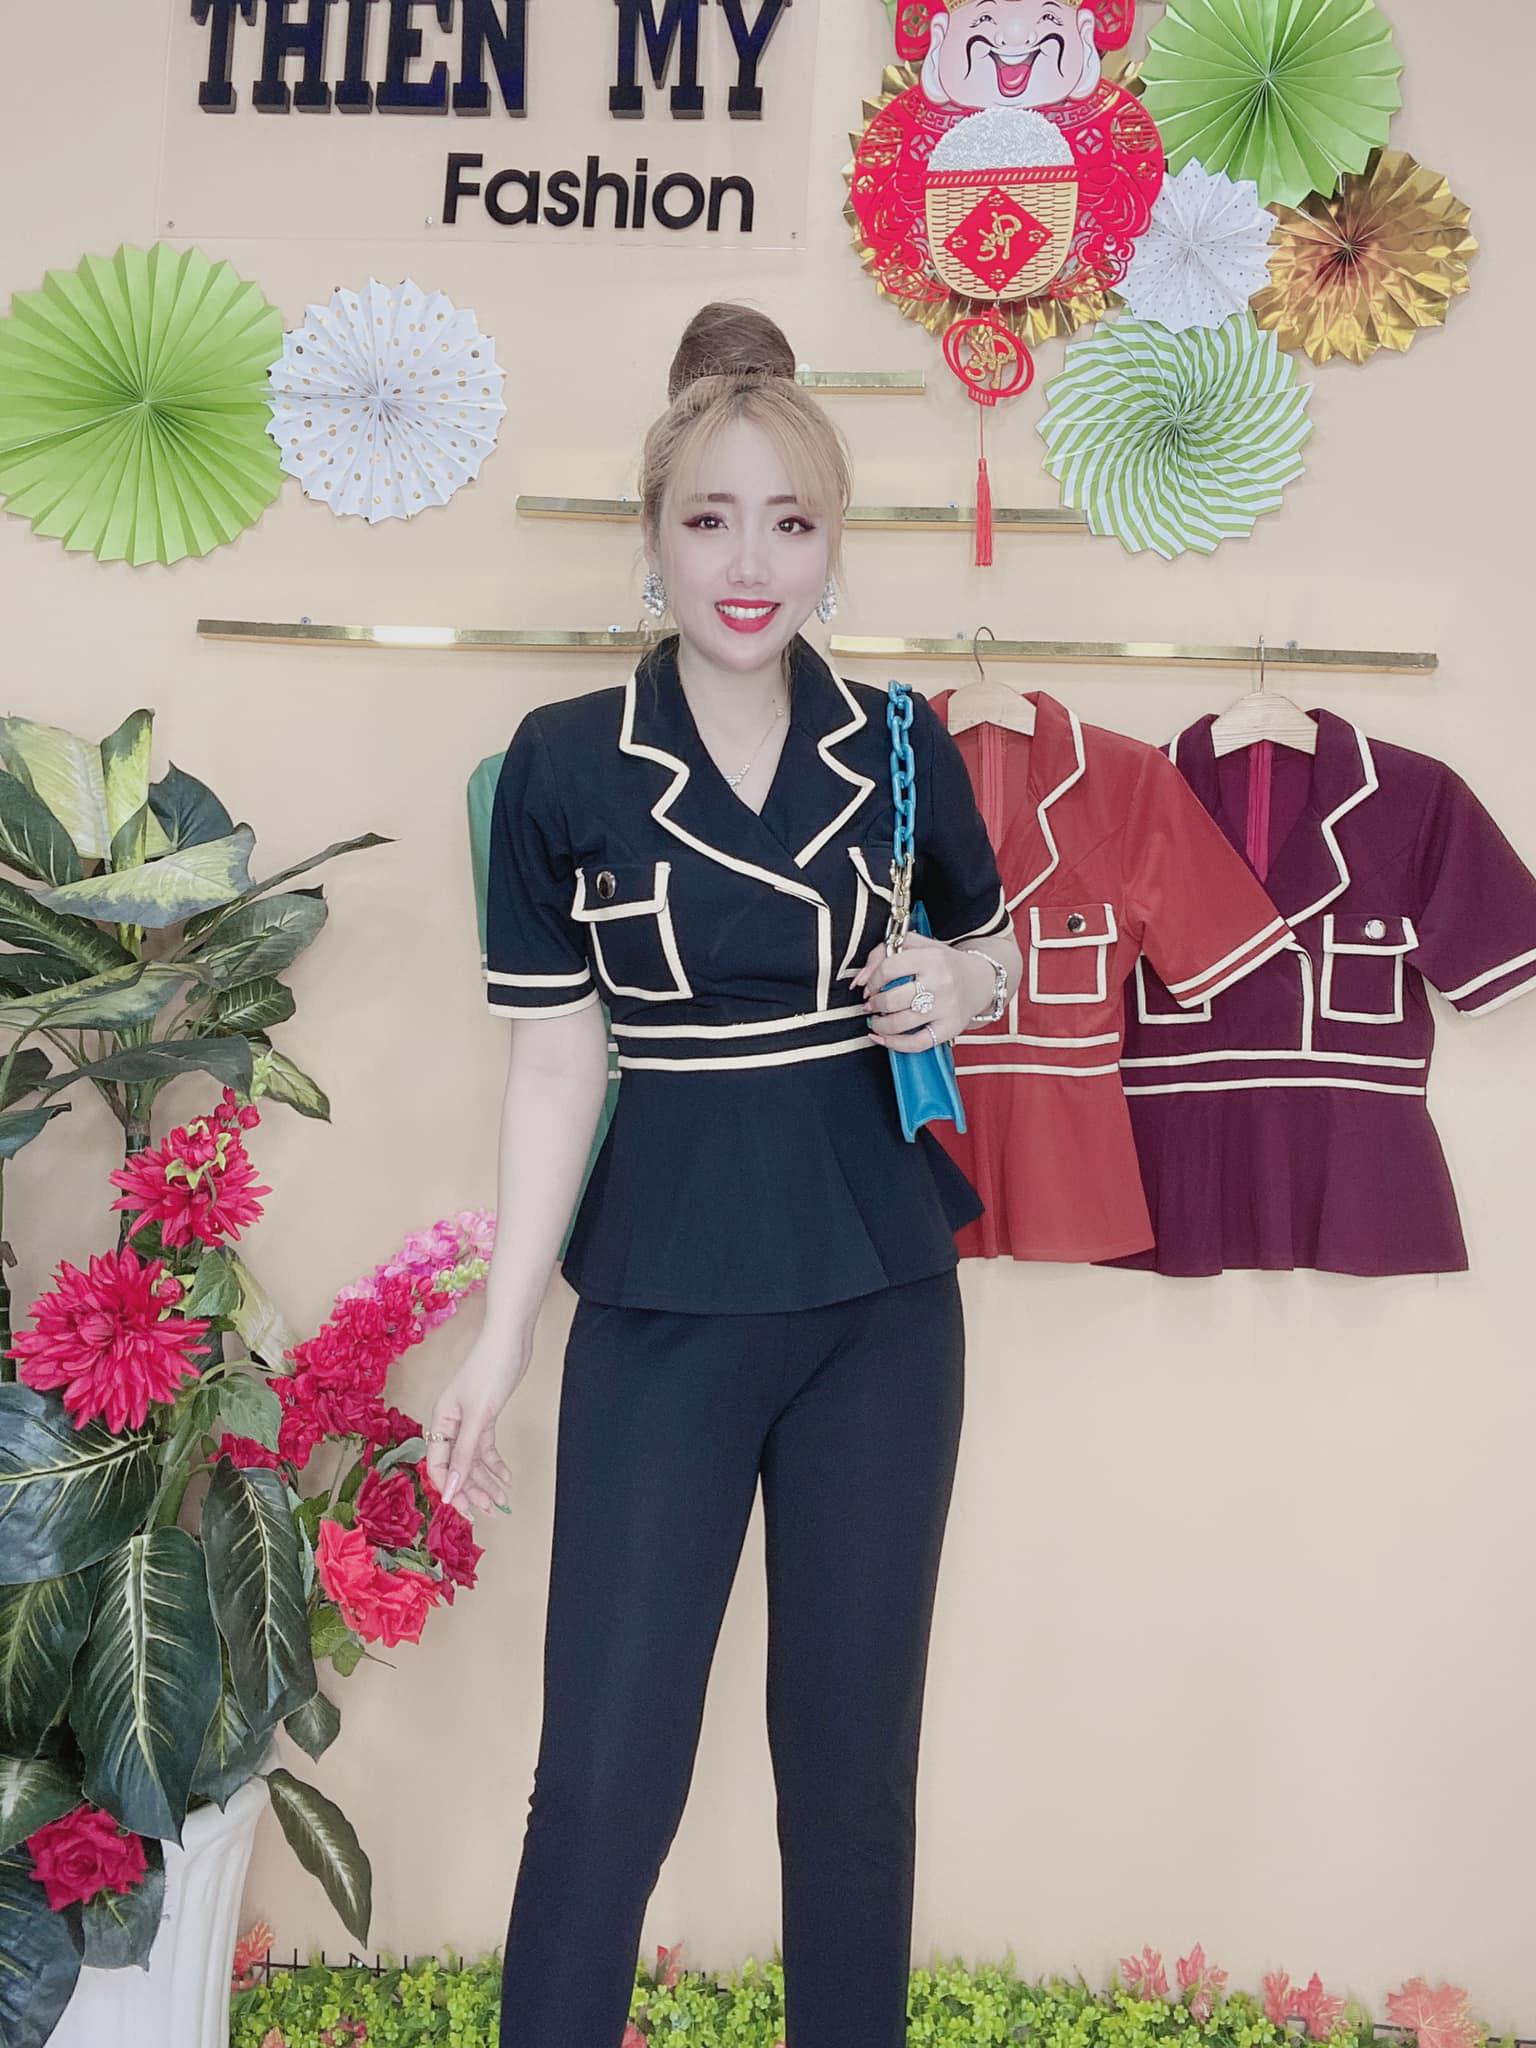 Thiên My Fashion - Thời trang phong cách đa dạng dành cho phái đẹp - Ảnh 3.